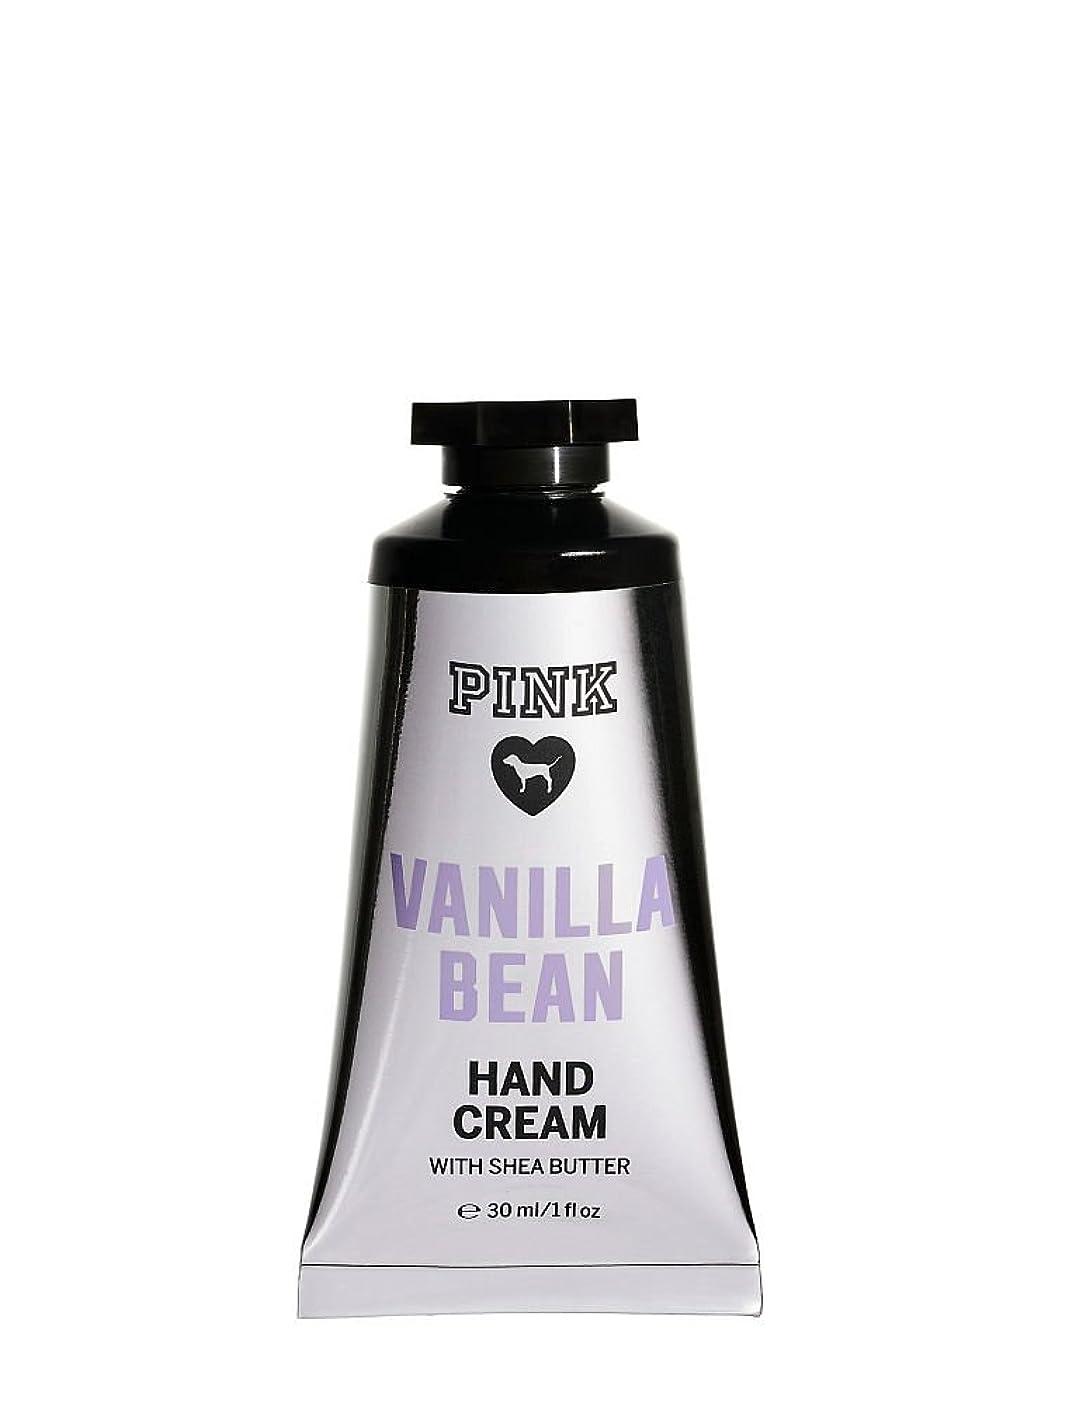 エレベーター行列入り口VICTORIA'S SECRET ヴィクトリアシークレット/ビクトリアシークレット PINK バニラビーンズ ハンドクリーム/PINK HAND CREAM [並行輸入品]